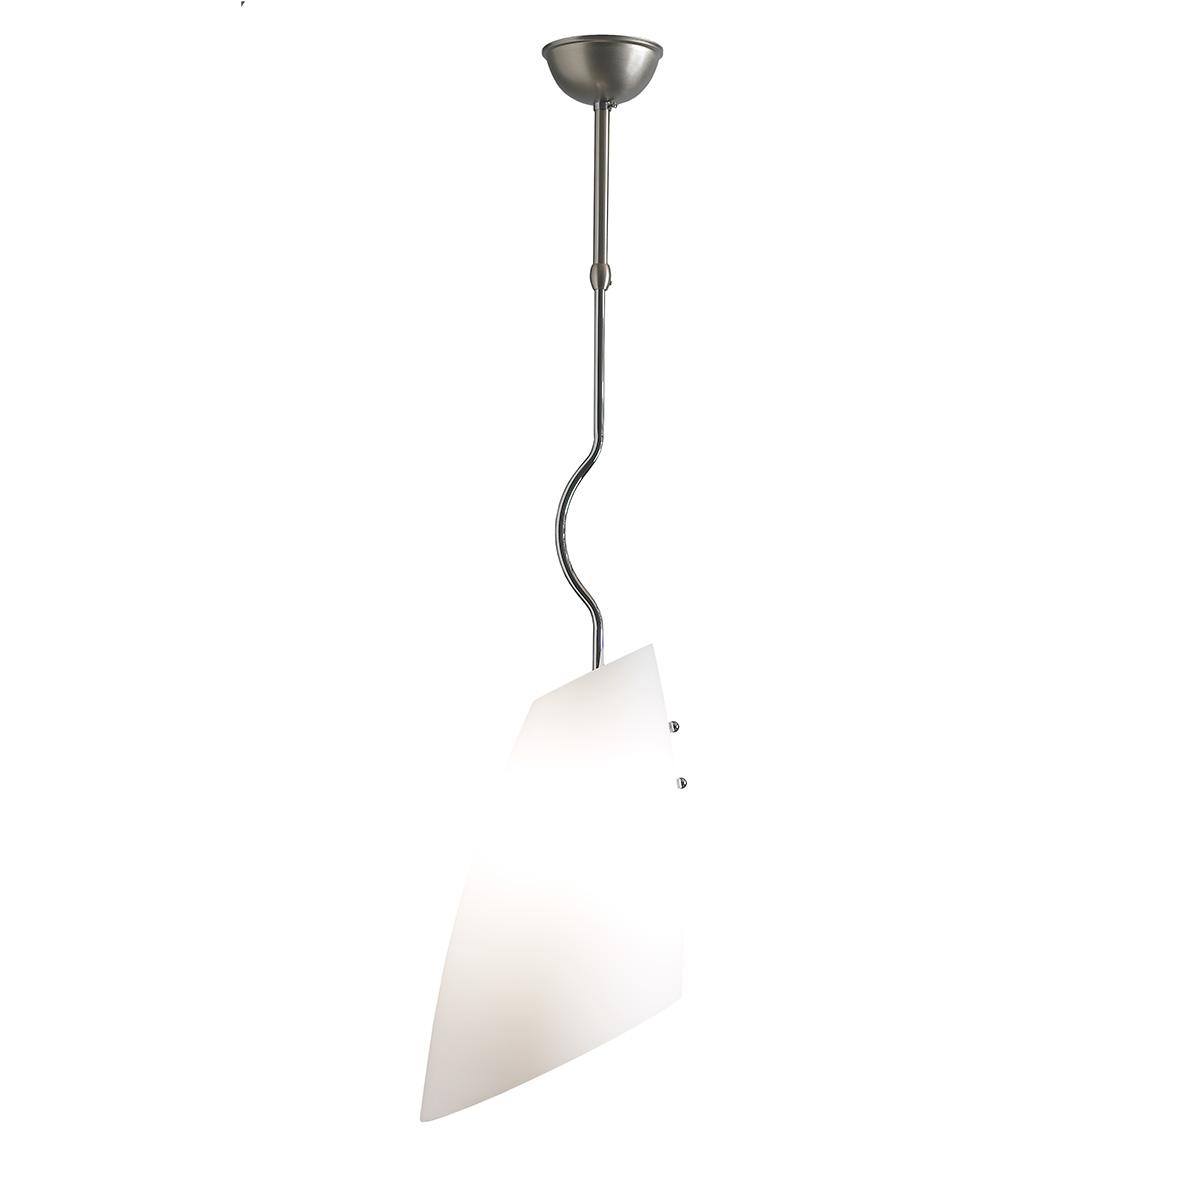 Μοντέρνο κρεμαστό φωτιστικό Μουράνο DONNA modern Murano suspension lamp